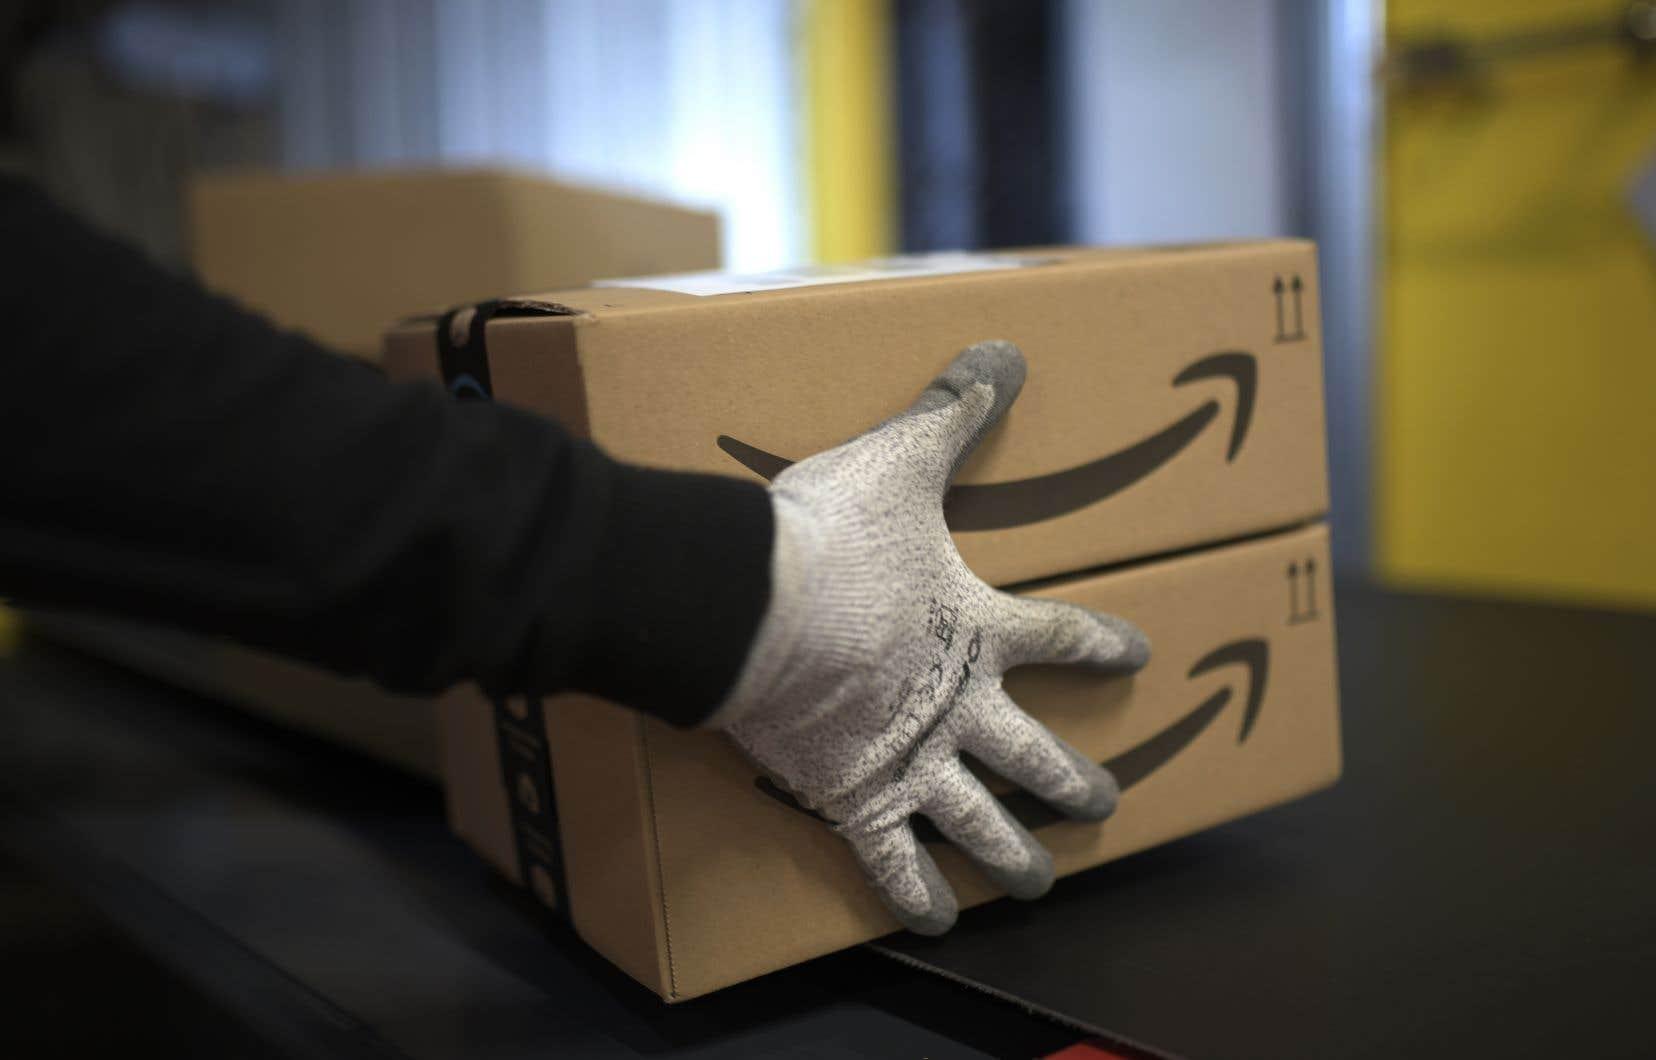 Amazon comptait près de 650000 employés permanents à la fin 2018, selon le rapport annuel de la société.